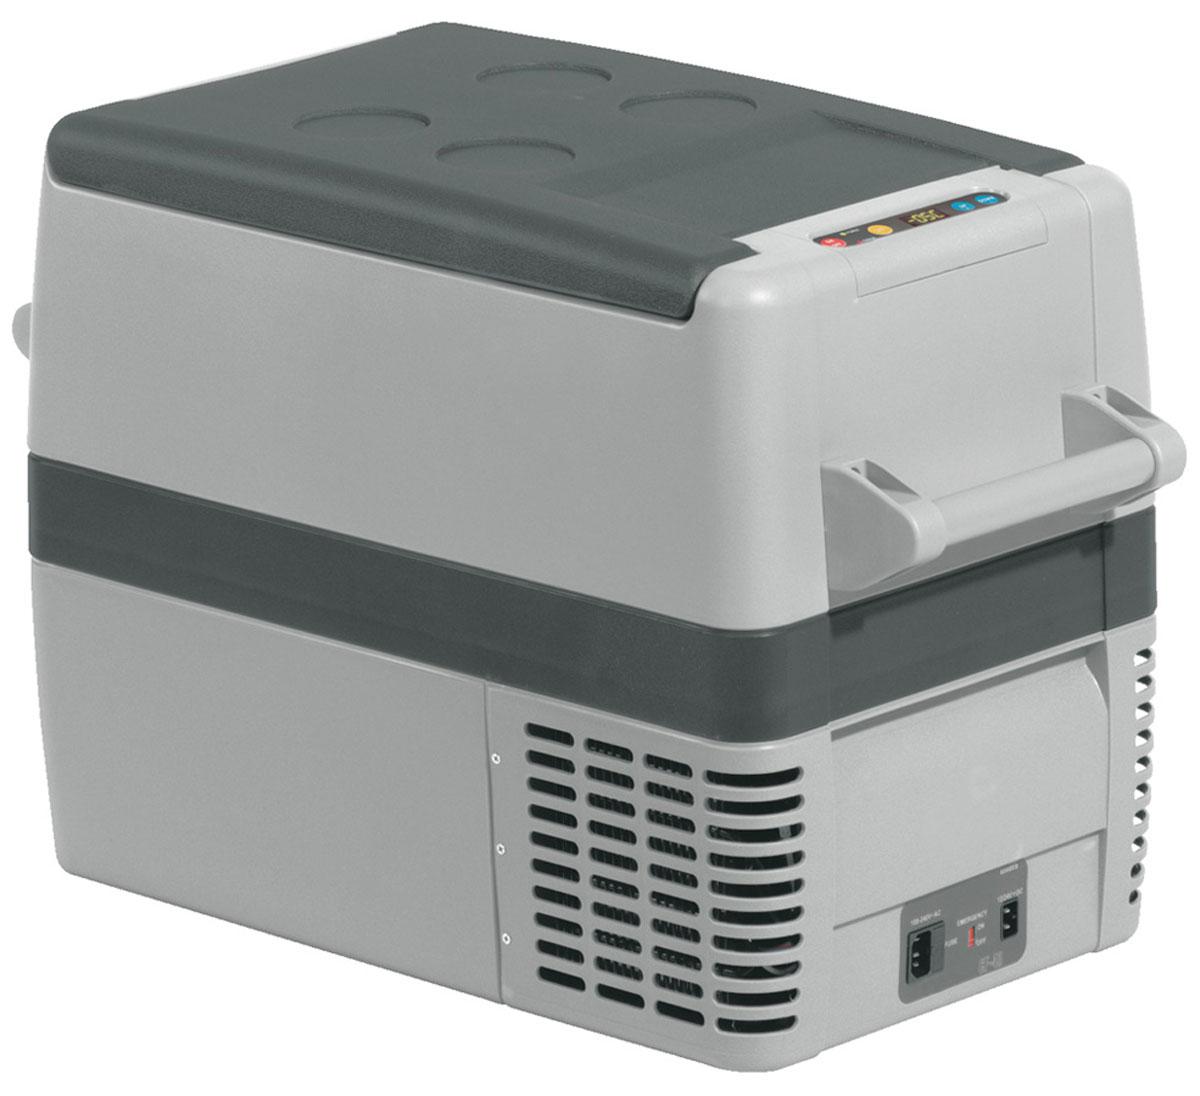 Waeco CoolFreeze CF-40 АС автохолодильник компрессорный 37 лCF-40АСАвтомобильный компрессорный холодильник Waeco CoolFreeze CF-40 АС предназначен для эксплуатации на отдыхе, в походах или путешествиях. Он оснащен уникальным маленьким герметичным компрессором переменного тока. Производителем также предусмотрена специальная защитная система от перепадов напряжения. Автомобильные холодильники от компании Waeco эффективно работают в любое время года, практичны и удобны в эксплуатации, а также отличаются прочностью и долговечностью. Быстрое охлаждение 3-х ступенчатое защитное реле Внутреннее освещение Съемная крышка Охлаждение: от +10 до -18°С Вынимающаяся корзина